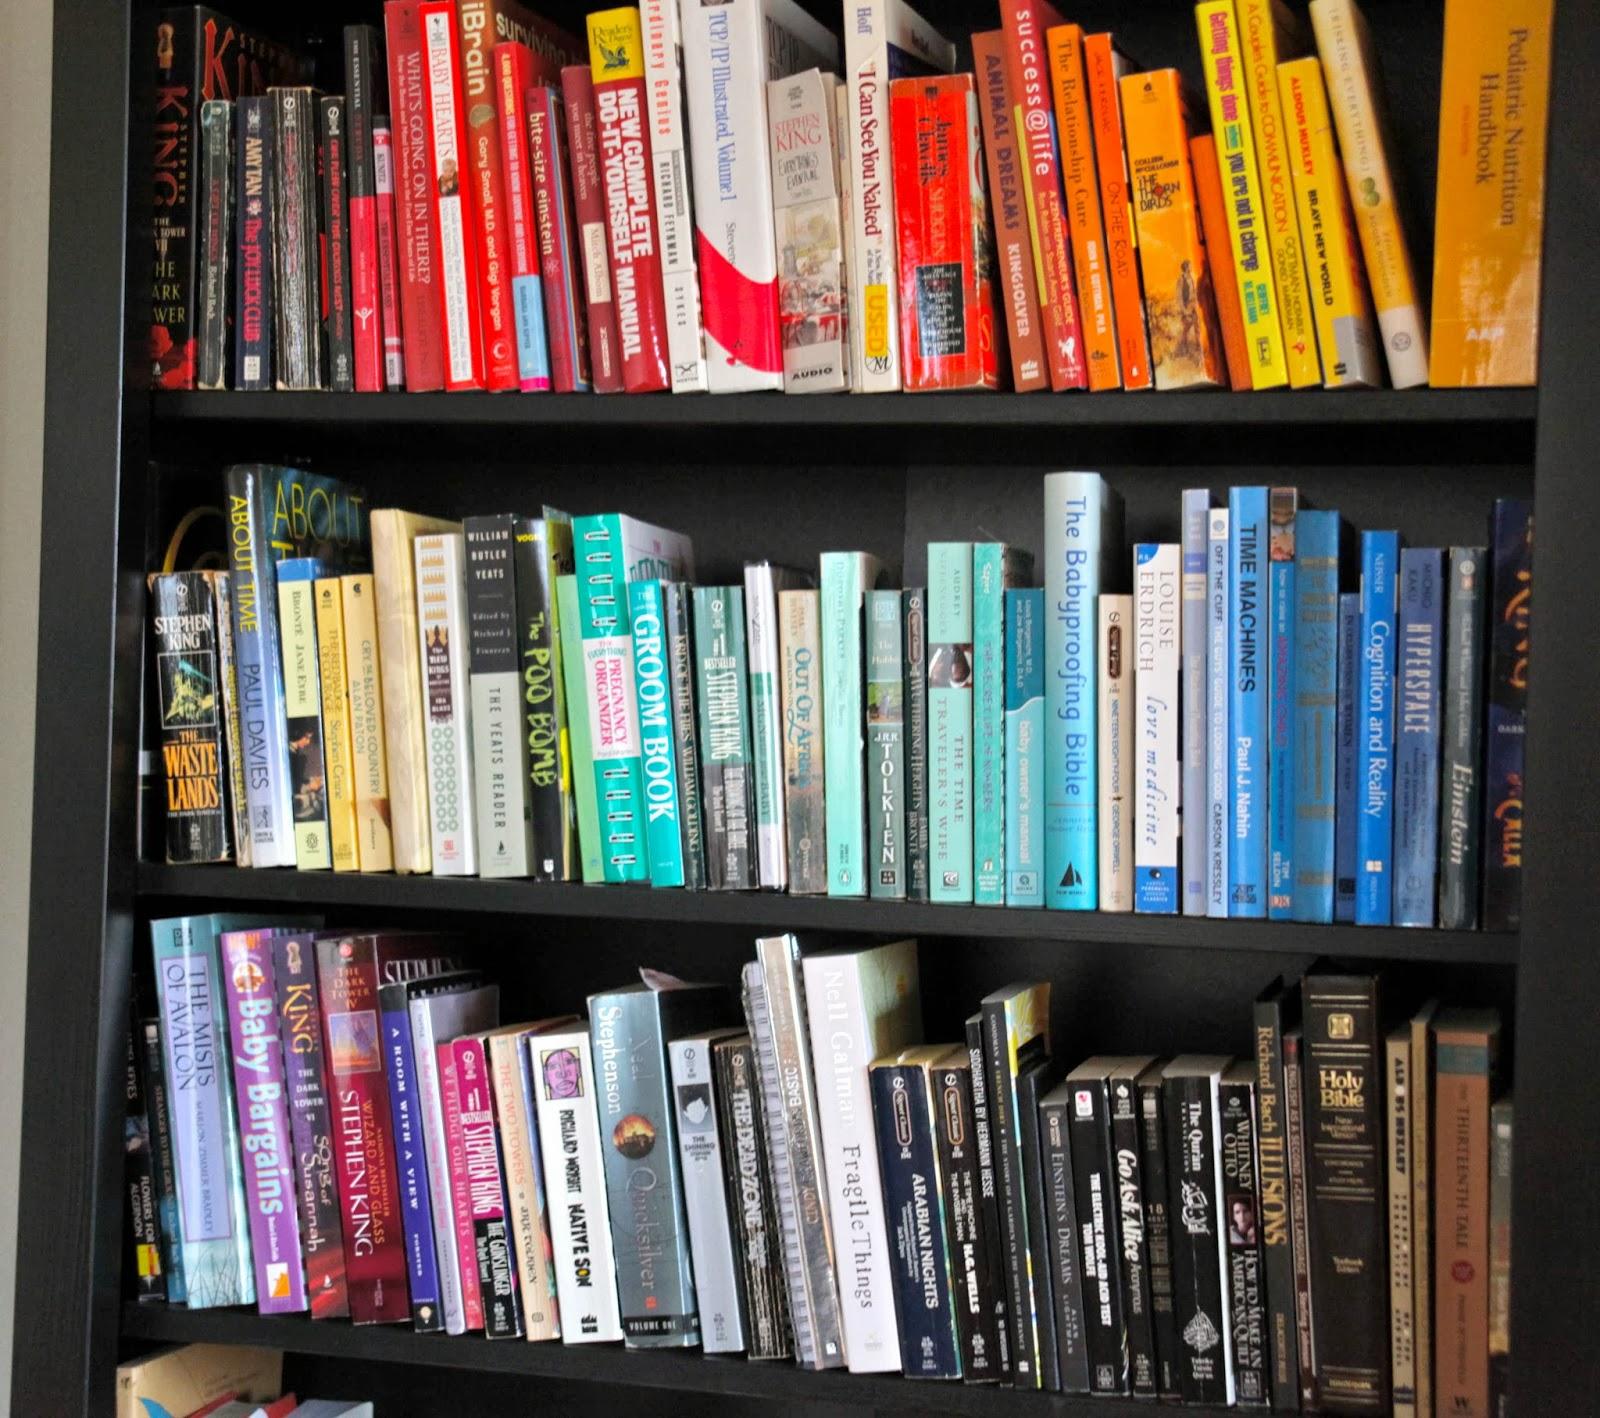 Tywkiwdbi Tai Wiki Widbee Dora 39 S Rainbow Bookcase